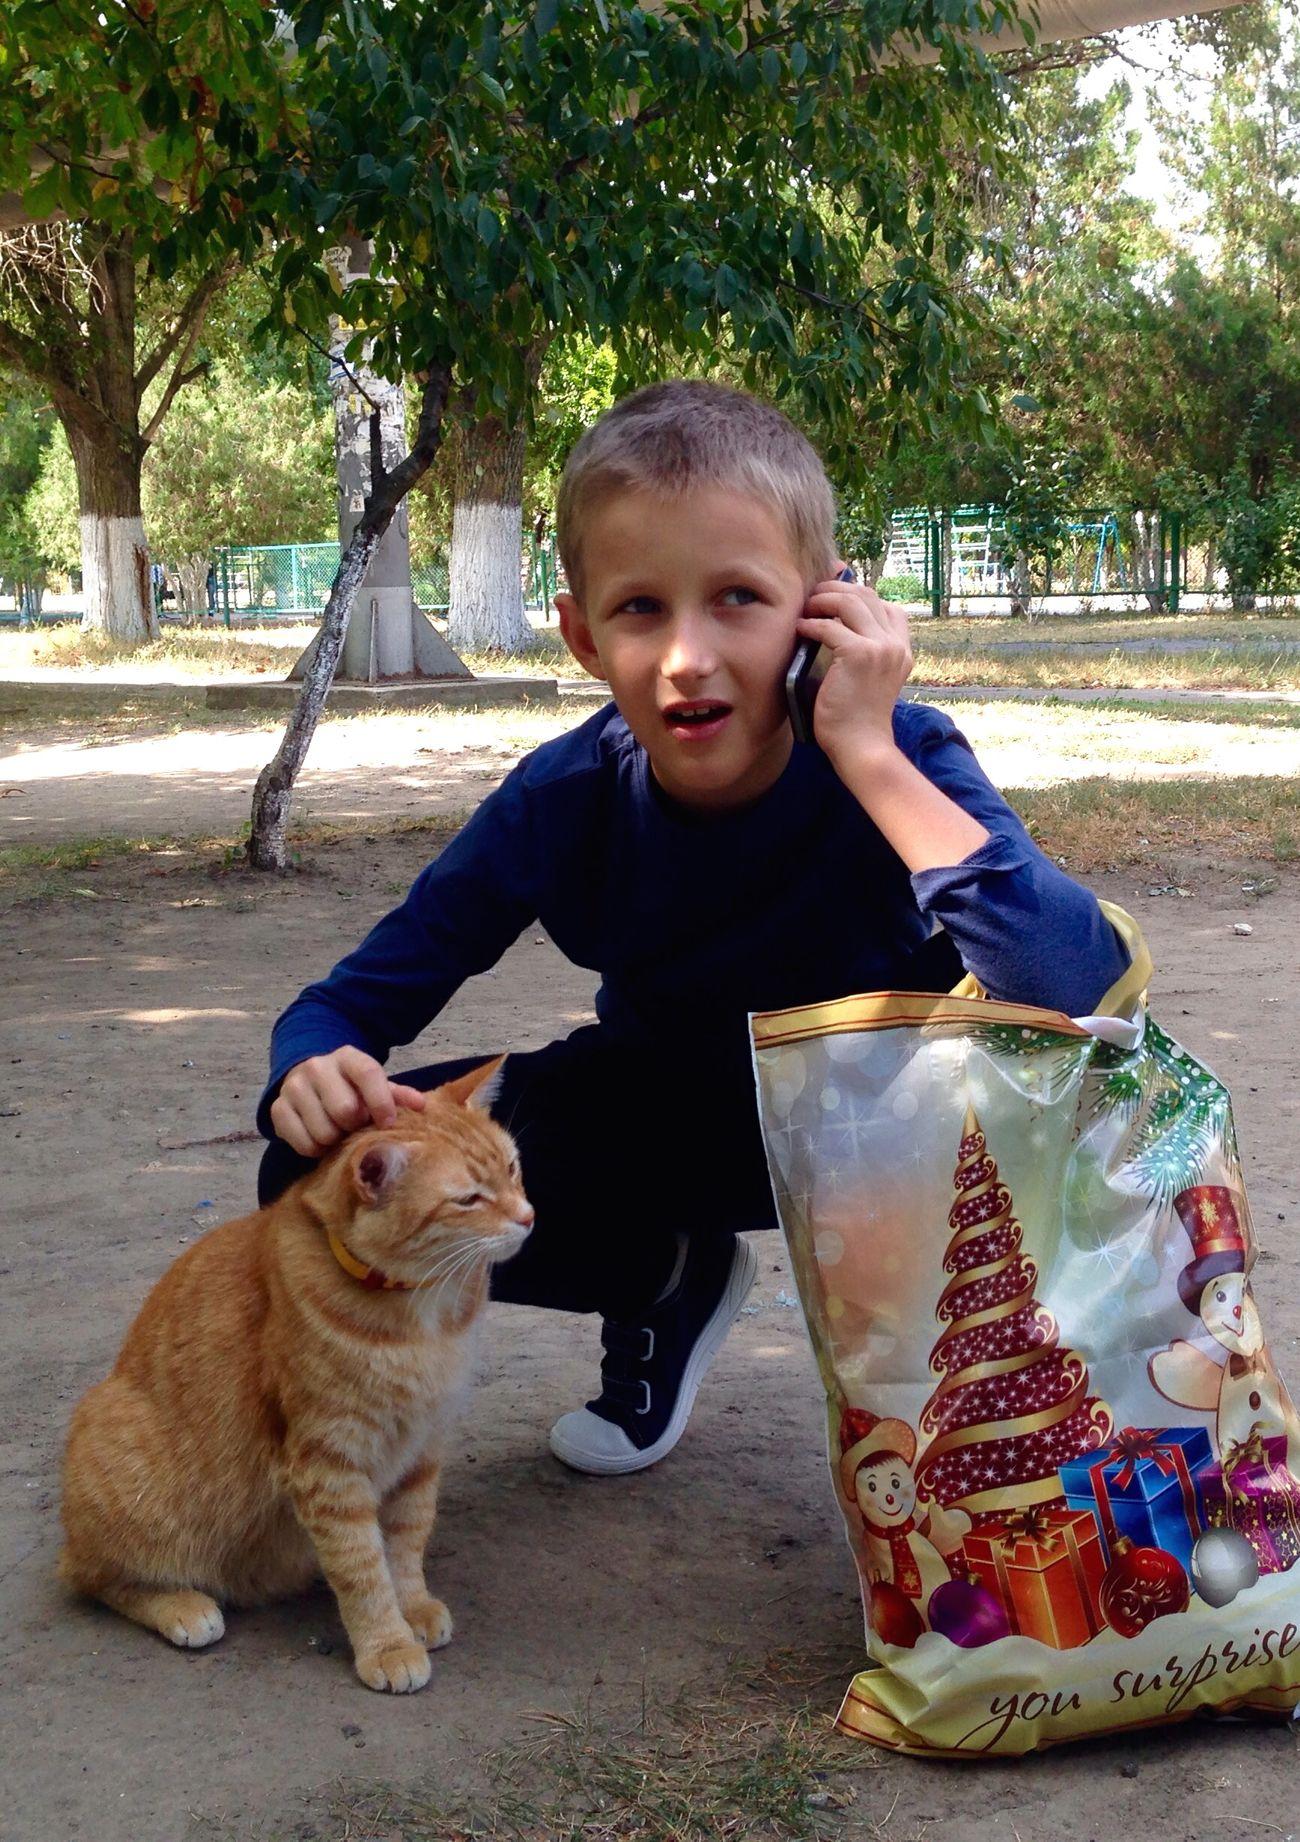 Homeless Cats Cats Cat Cat♡ Children Children Photography